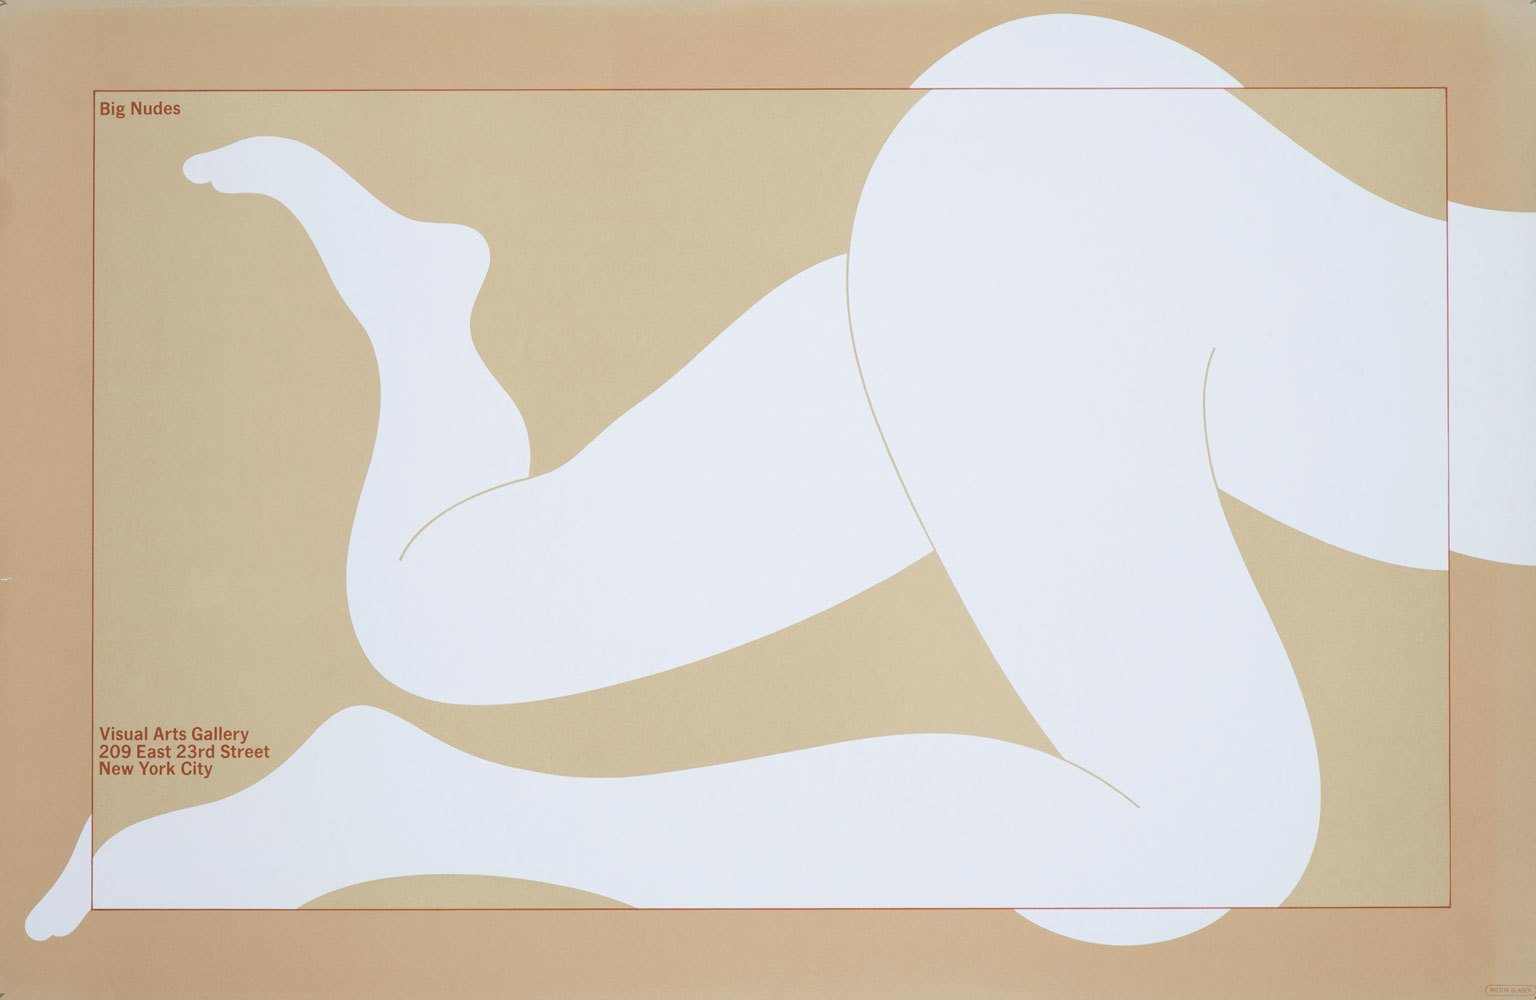 Milton Glaser, Big Nudes poster (1967/8)  Graphic Design and Illustration